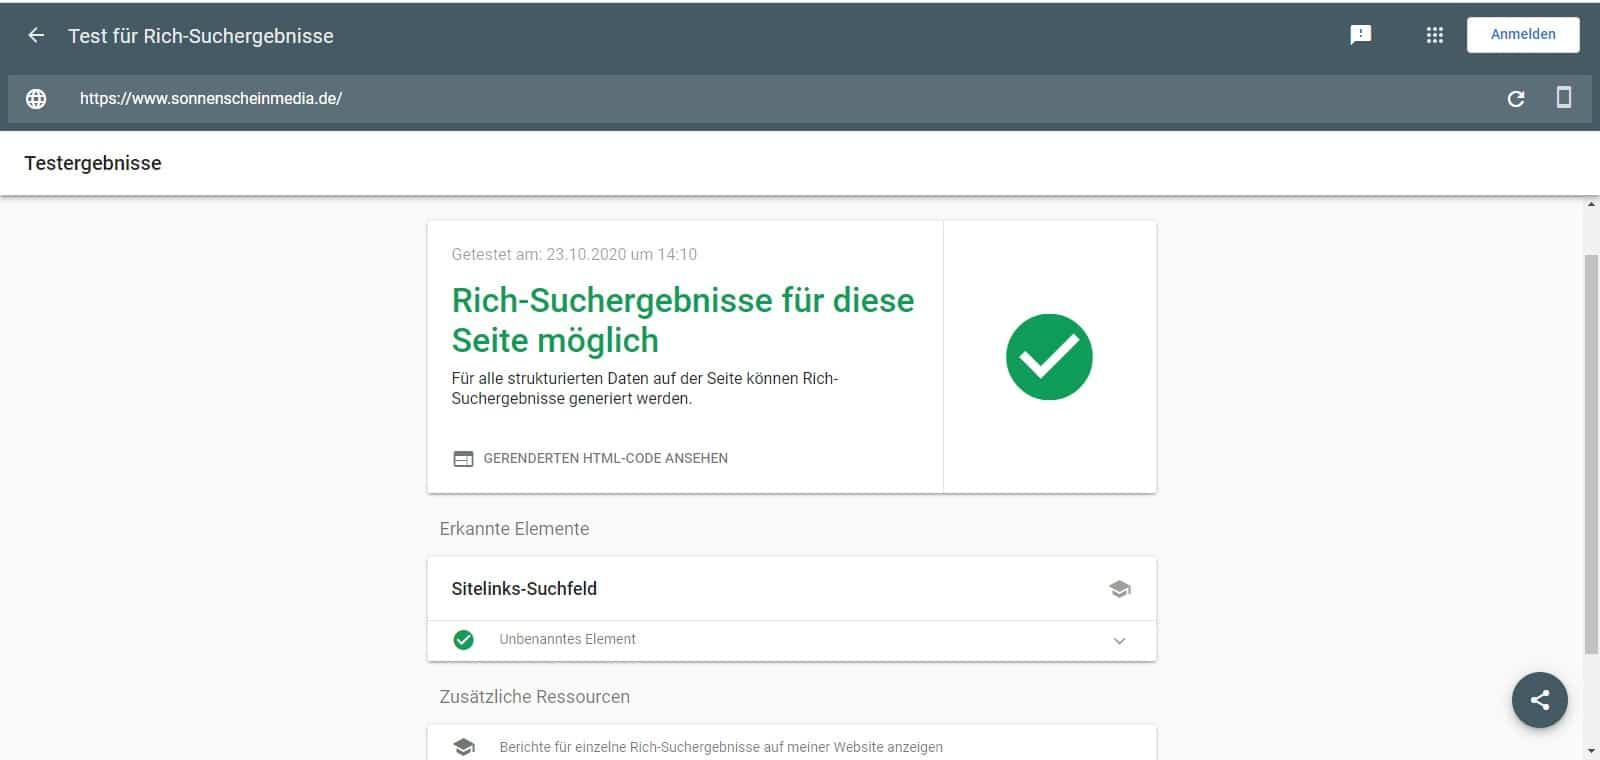 Screenshot Beispiel Test für Google für Rich Suchergebnisse